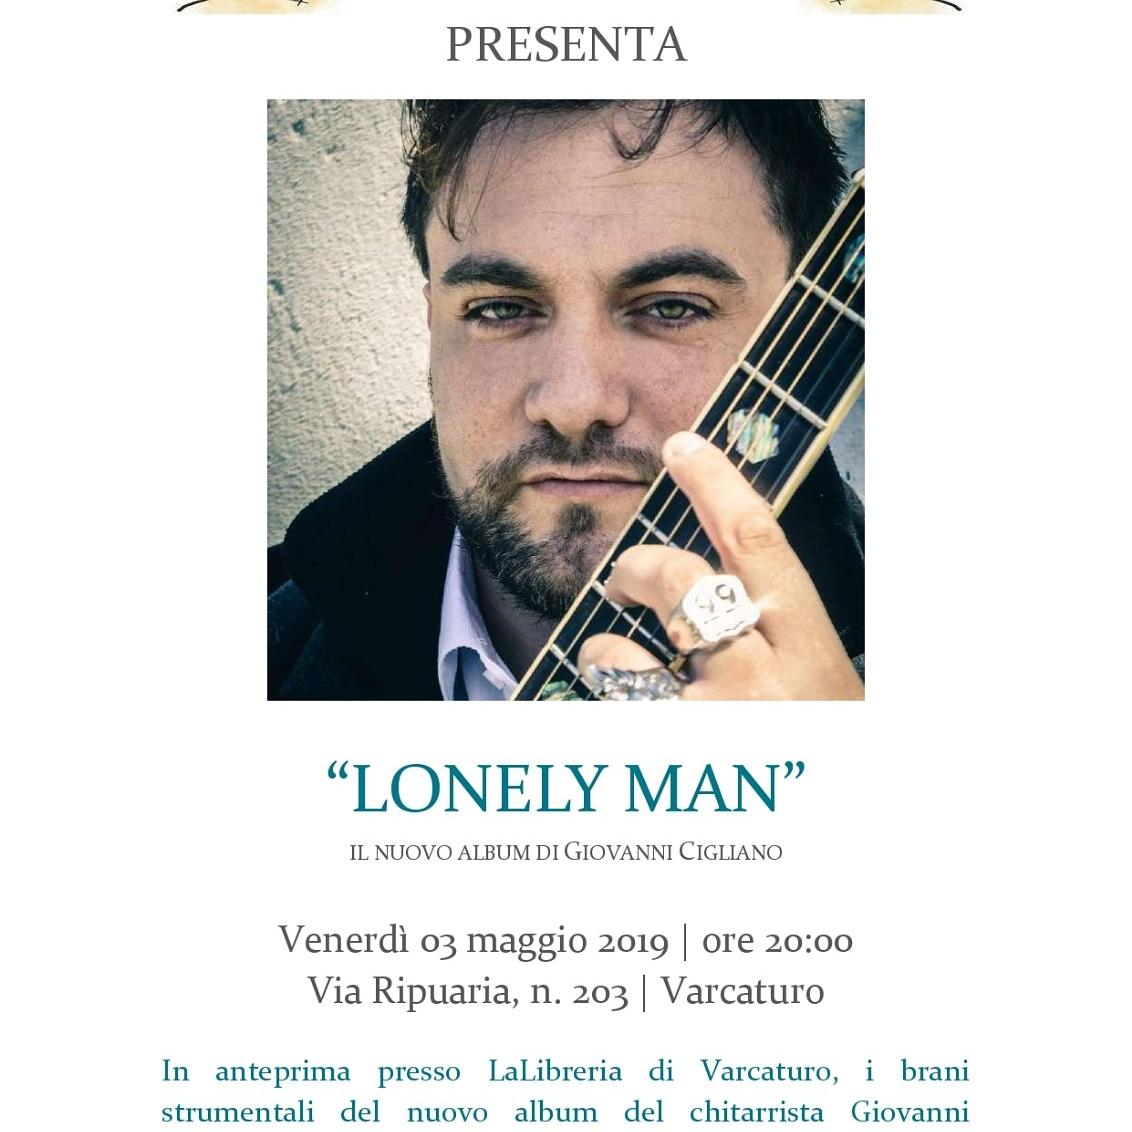 PRESENTAZIONE LONELY MAN